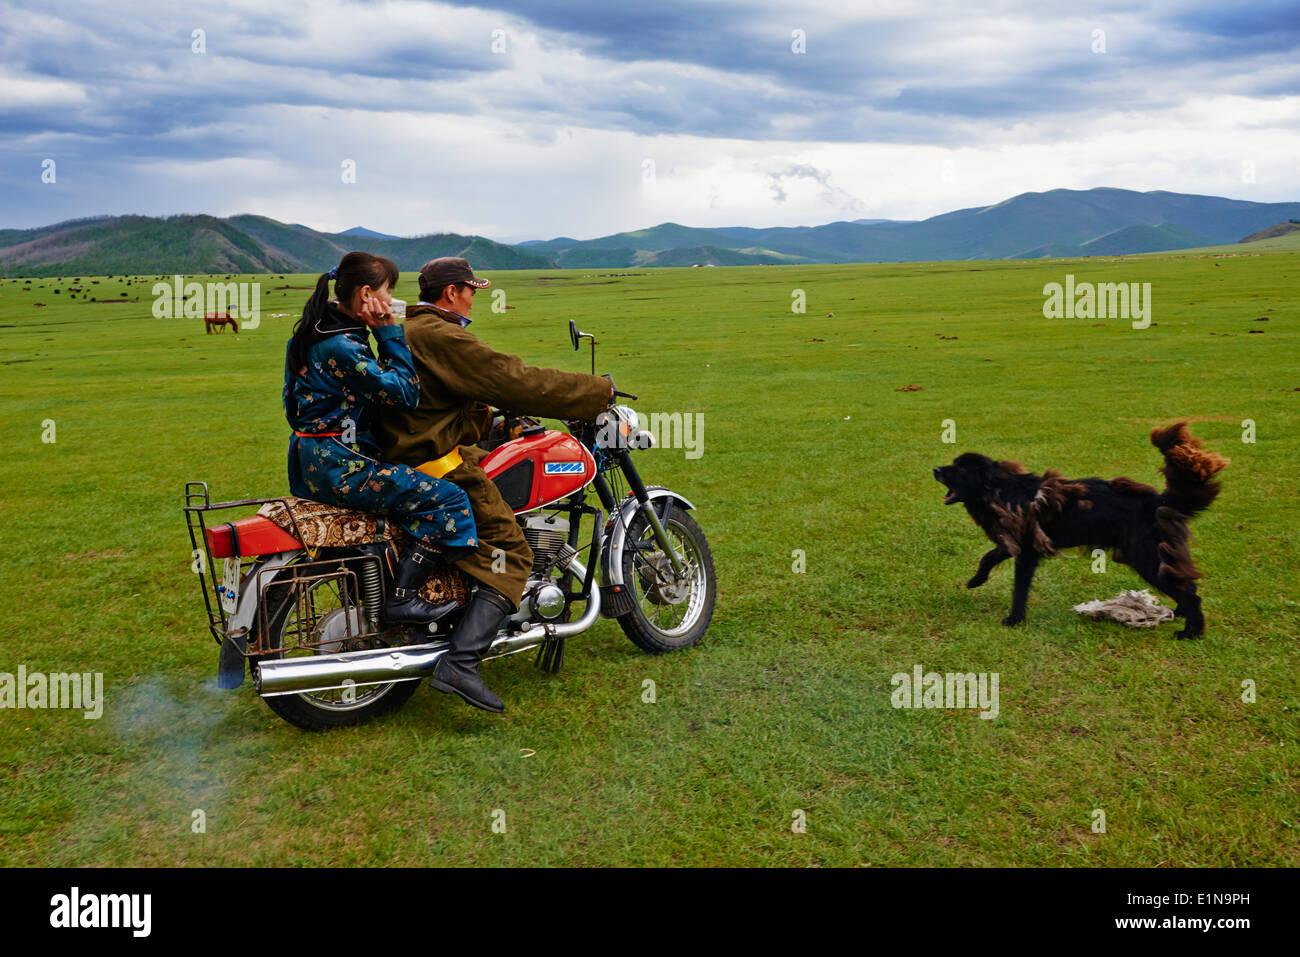 Mongolia, Ovorkhangai province, Okhon valley, Nomad with motorbike - Stock Image